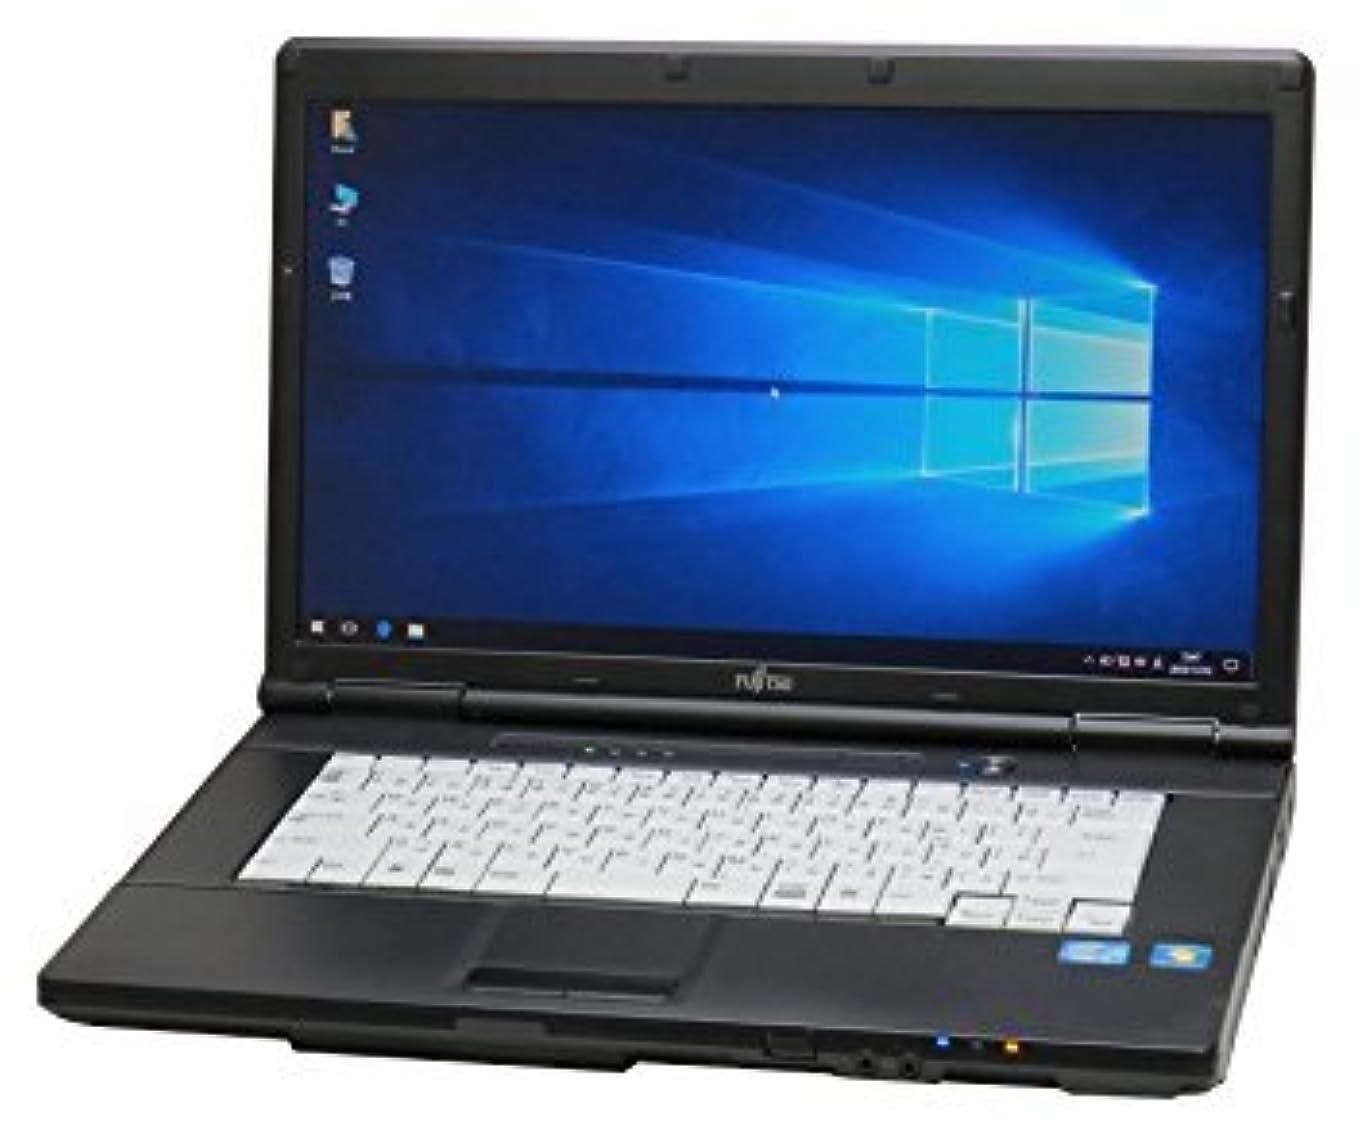 伸ばす敷居所有者大学生向け 初期設定済み? 即使用可 中古パソコン 富士通 LIFEBOOK A561/D Celeron 4GB 250G Windows10 Office2016 15.6w ワイド液晶 無線LAN DVD-ROM搭載